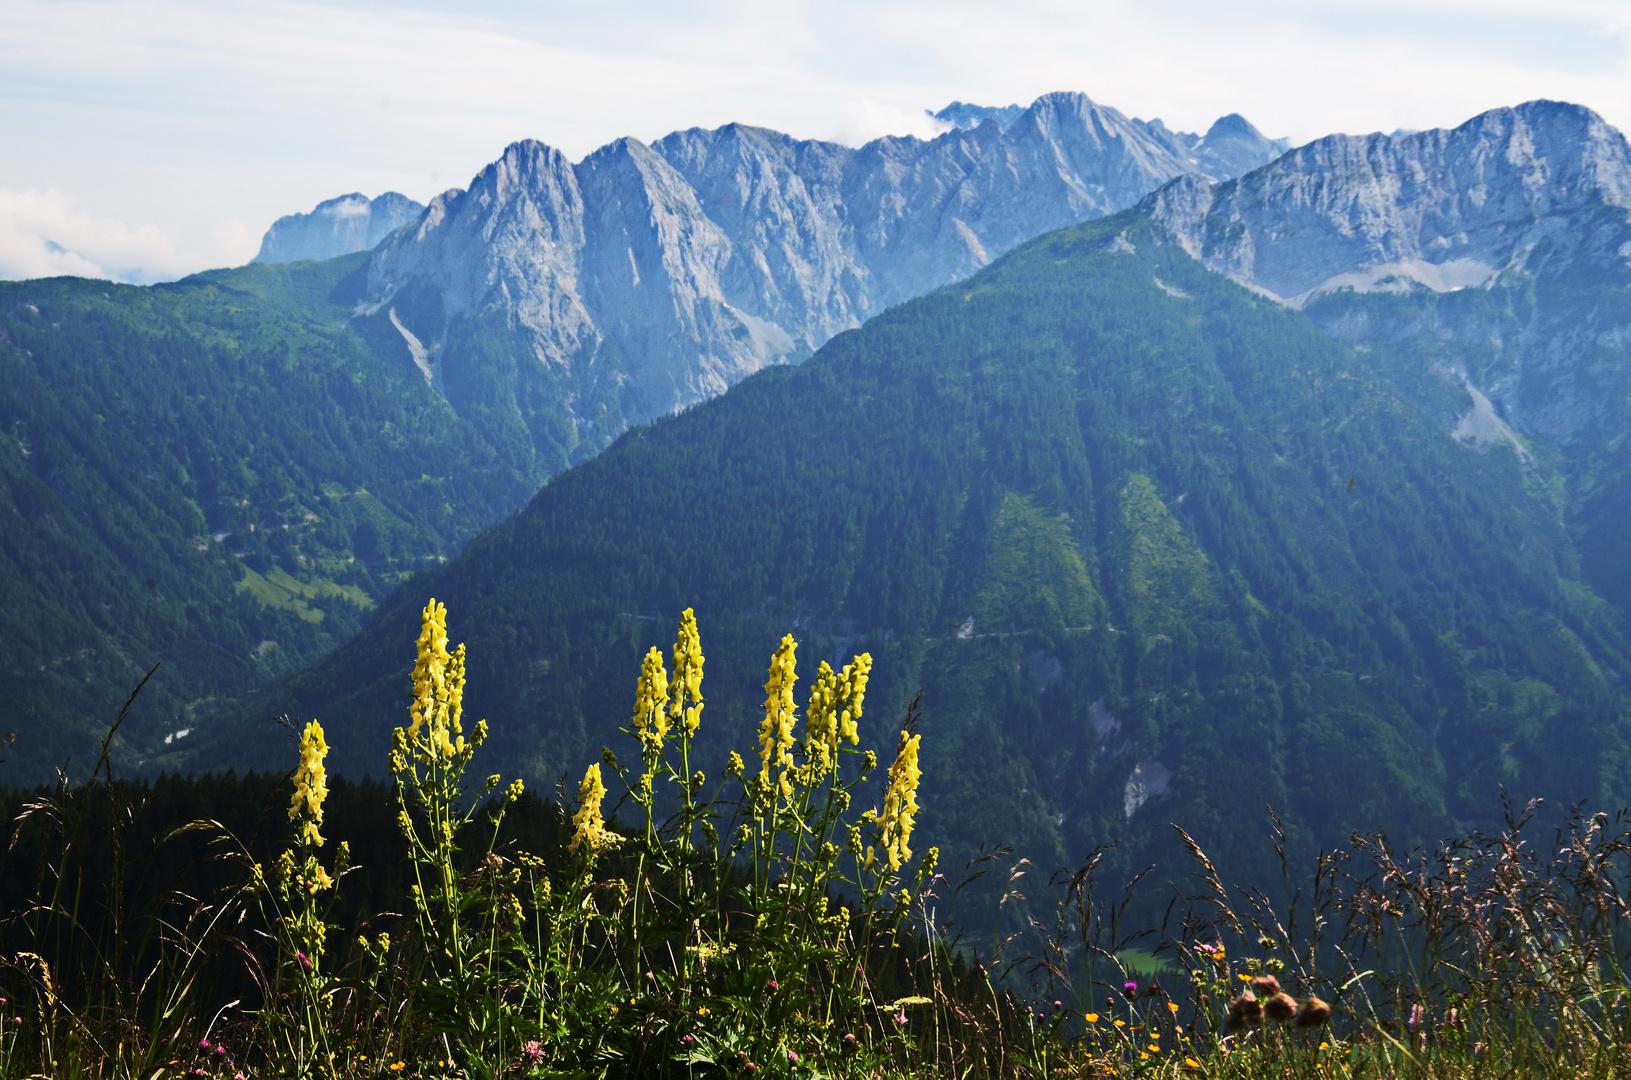 Der gelbe Eisenhut vor einer prachtvollen Bergkulisse im Kärntner Lesachtal